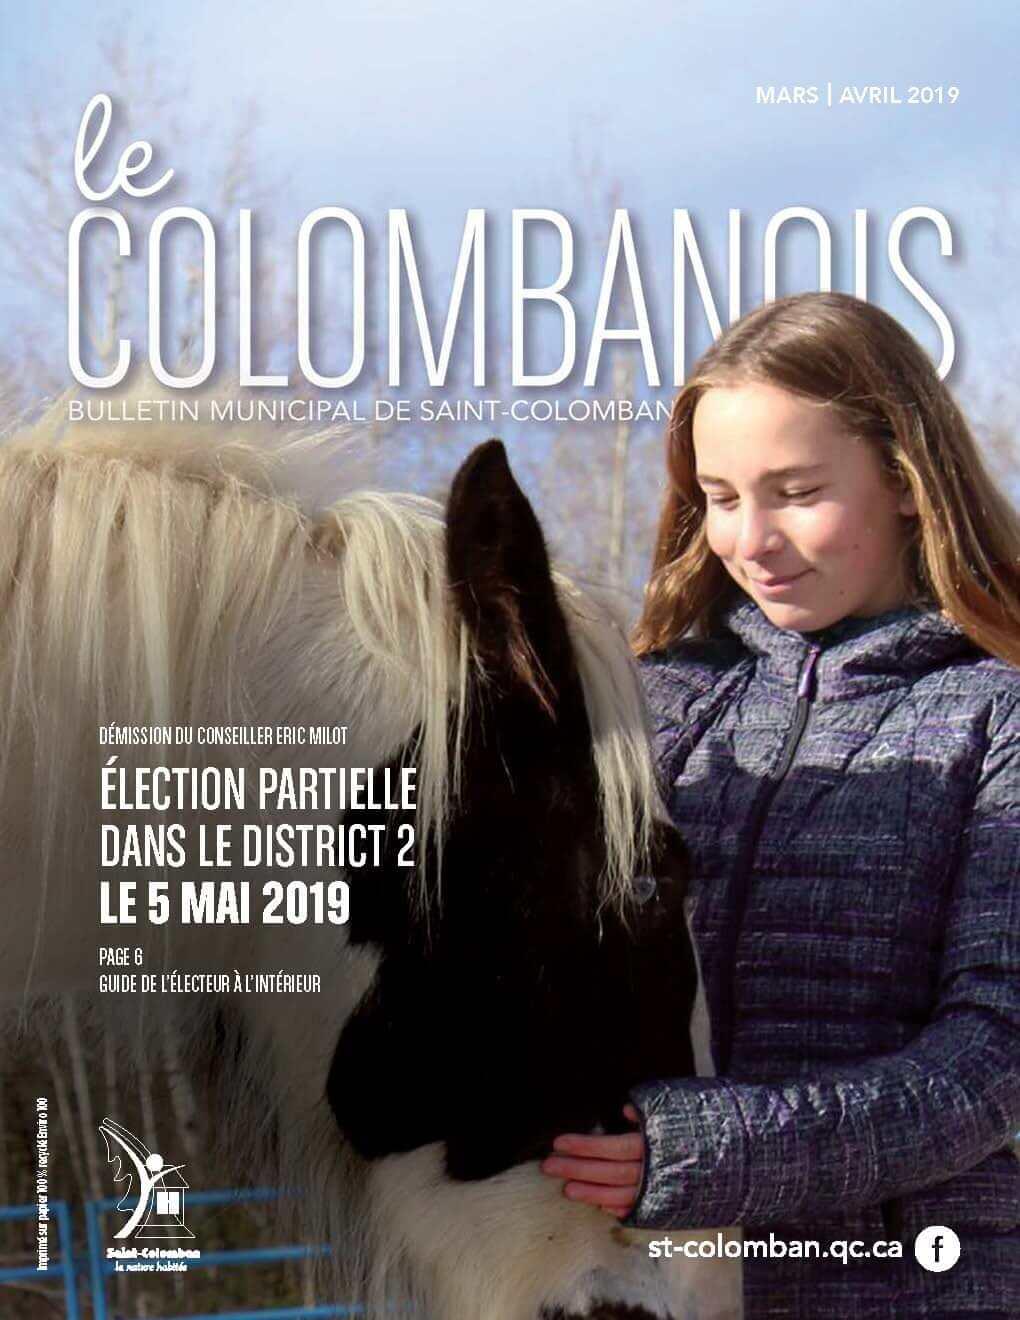 Mars-avril 2019